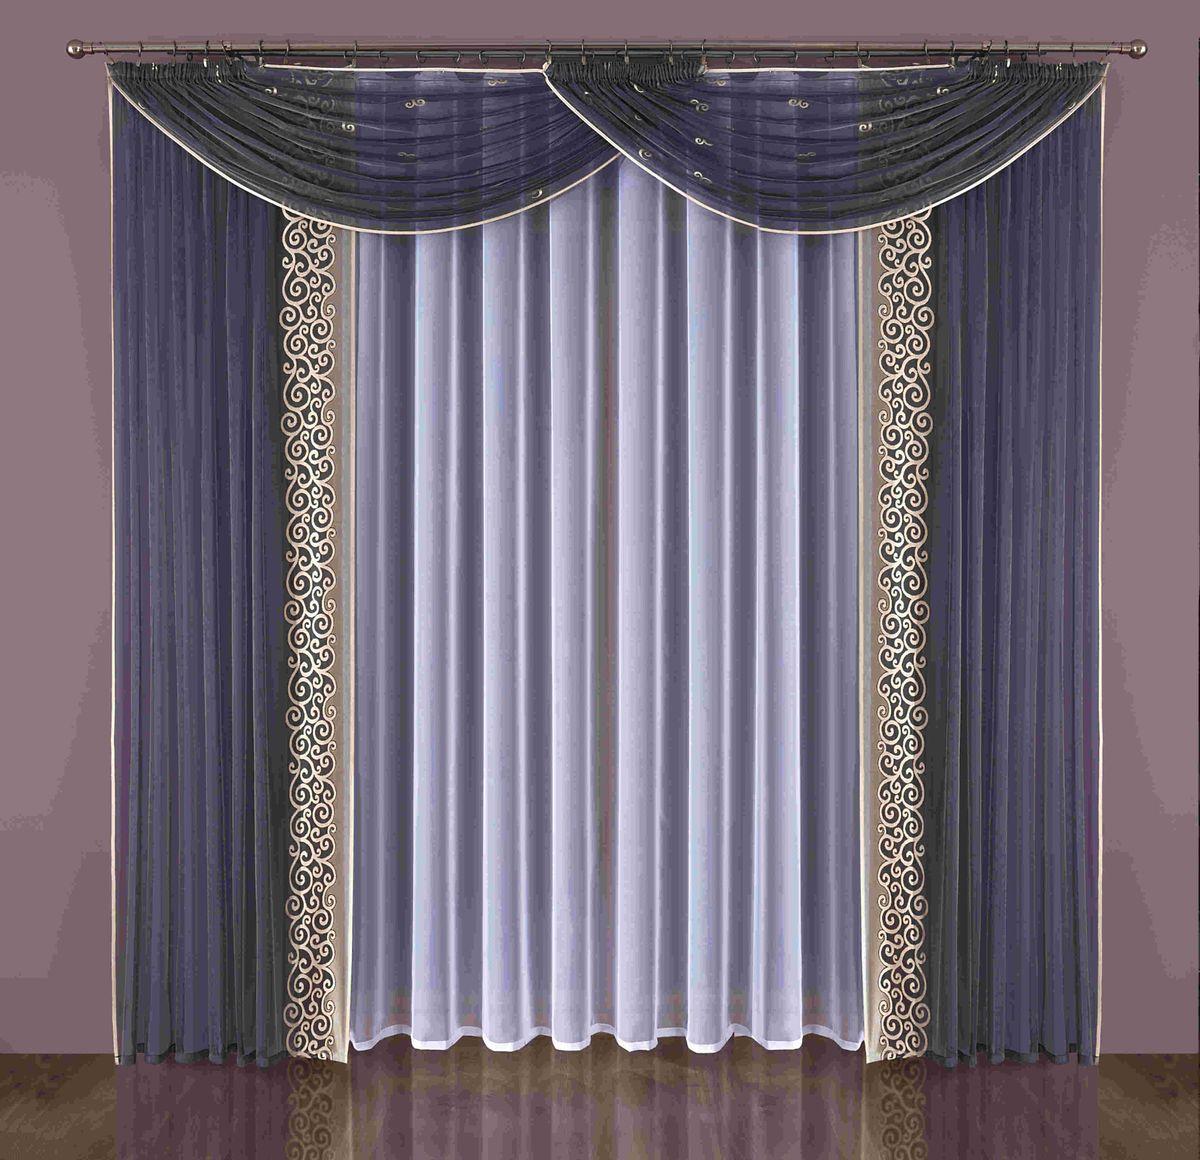 Комплект штор Wisan Brenda, на ленте, цвет: синий, белый, высота 240 смW349Комплект штор Wisan Brenda выполненный из полиэстера, великолепно украсит любое окно. Комплект состоит из 2 штор, тюля и 2 ламбрекенов. Тюль выполнен из органзы, шторы изготовлены из полиэстера тонкого жаккардового плетения. Оригинальный дизайн и контрастная цветовая гамма привлекут к себе внимание и органично впишутся в интерьер комнаты. Все предметы комплекта оснащены шторной лентой для красивой драпировки. В комплект входит: Штора - 2 шт. Размер (ШхВ): 150 см х 240 см. Тюль - 1 шт. Размер (ШхВ): 400 см х 240 см. Ламбрекен - 2 шт. Размер (ШхВ): 180 см х 140 см. Фирма Wisan на польском рынке существует уже более пятидесяти лет и является одной из лучших польских фабрик по производству штор и тканей. Ассортимент фирмы представлен готовыми комплектами штор для гостиной, детской, кухни, а также текстилем для кухни (скатерти, салфетки, дорожки, кухонные занавески). Модельный ряд отличает оригинальный дизайн, высокое качество. Ассортимент продукции постоянно пополняется.